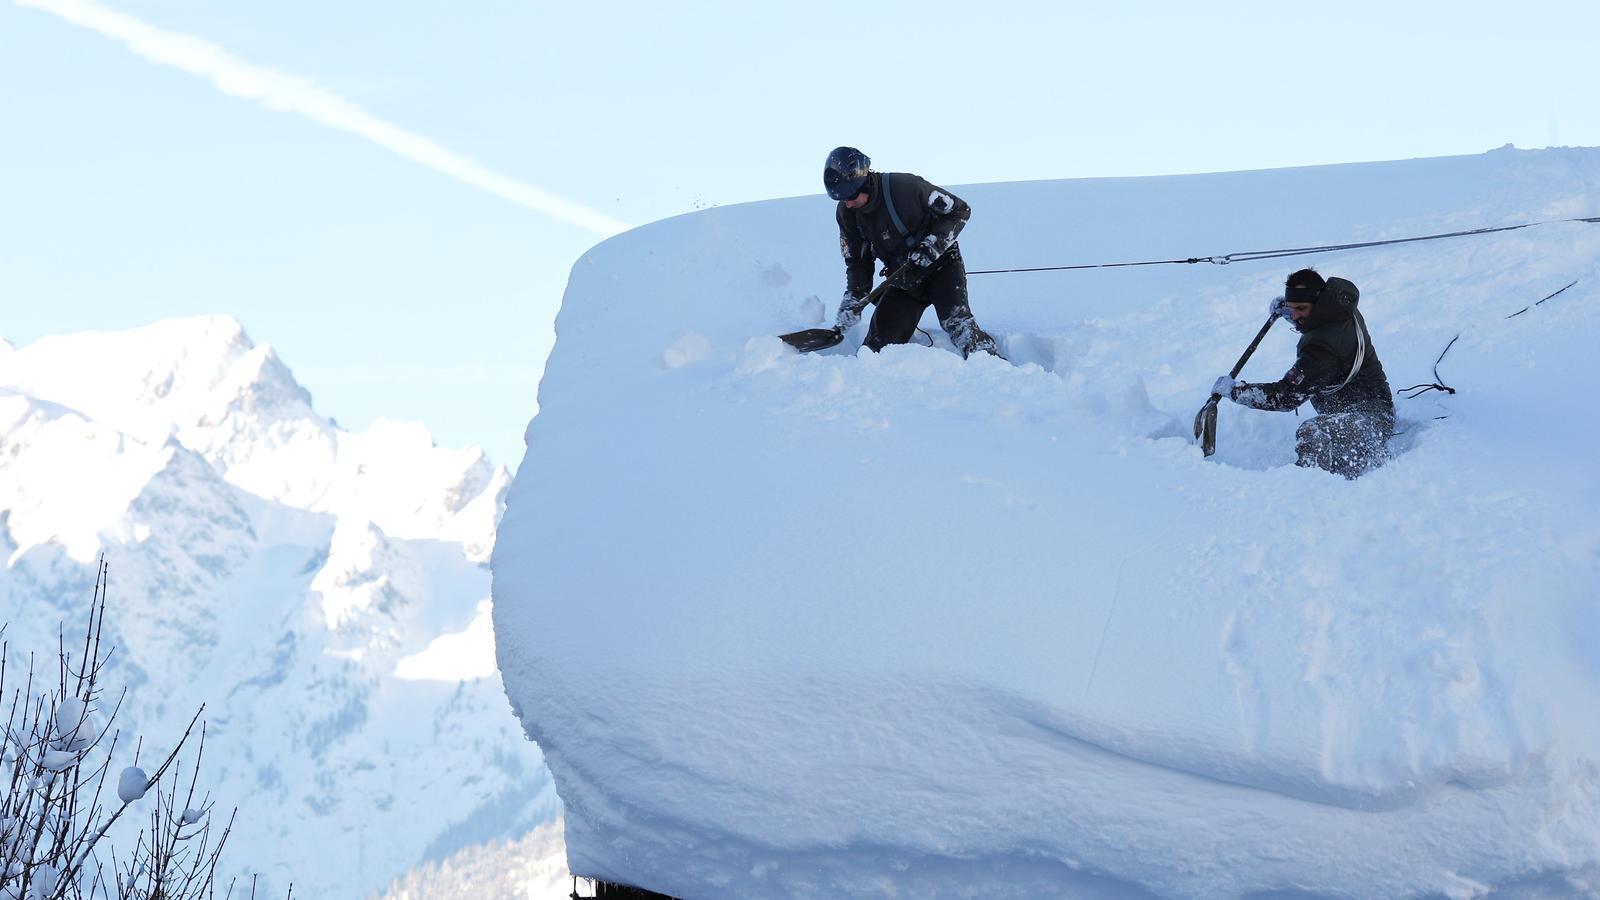 La neu bat rècords als Alps i s'estendrà per més parts d'Europa la setmana que ve